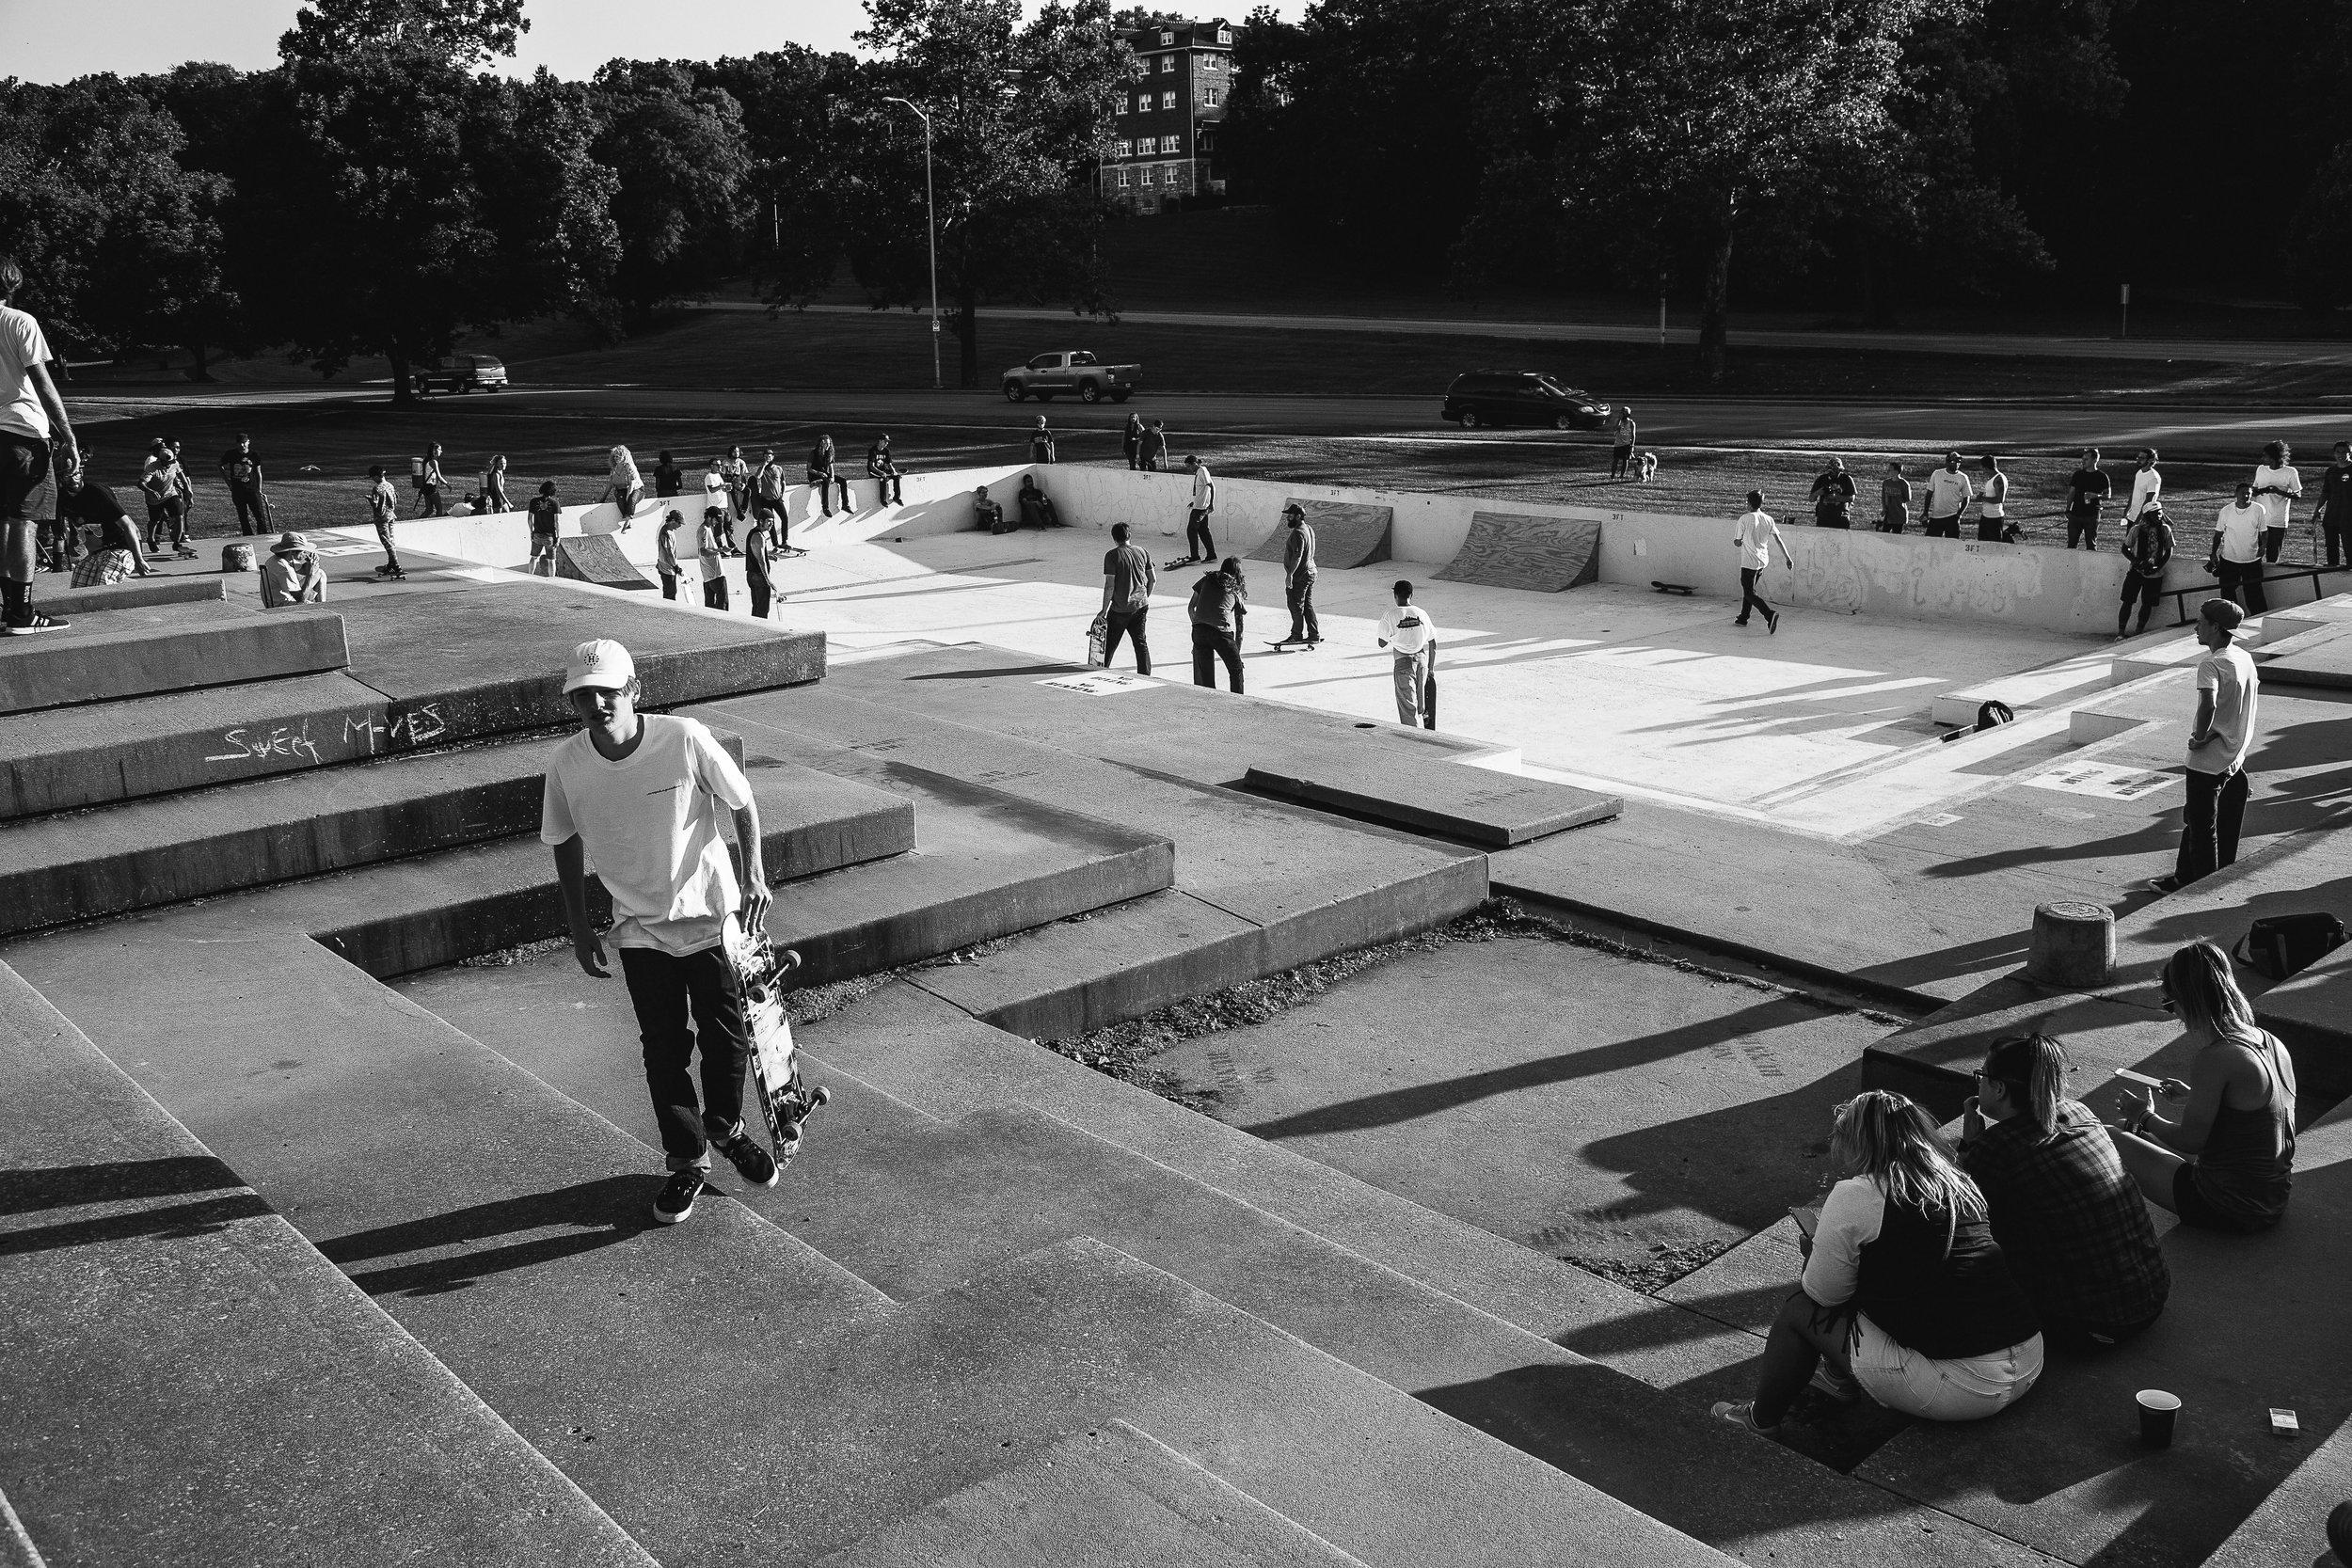 Go Skateboarding Day - June '17 - 20.jpg